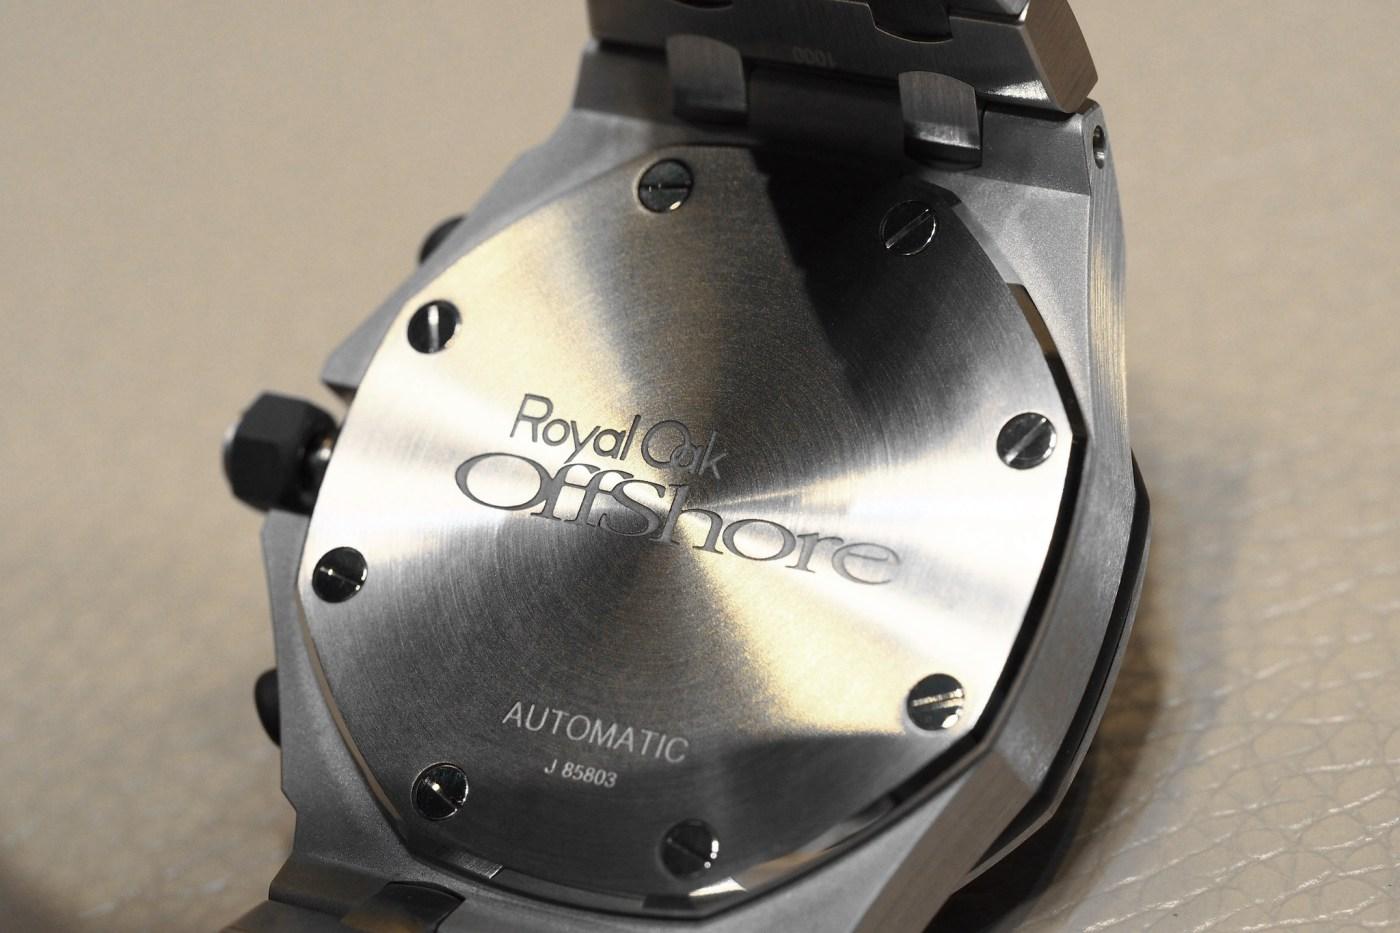 Royal Oak Offshore Selfwinding Chronograph caseback